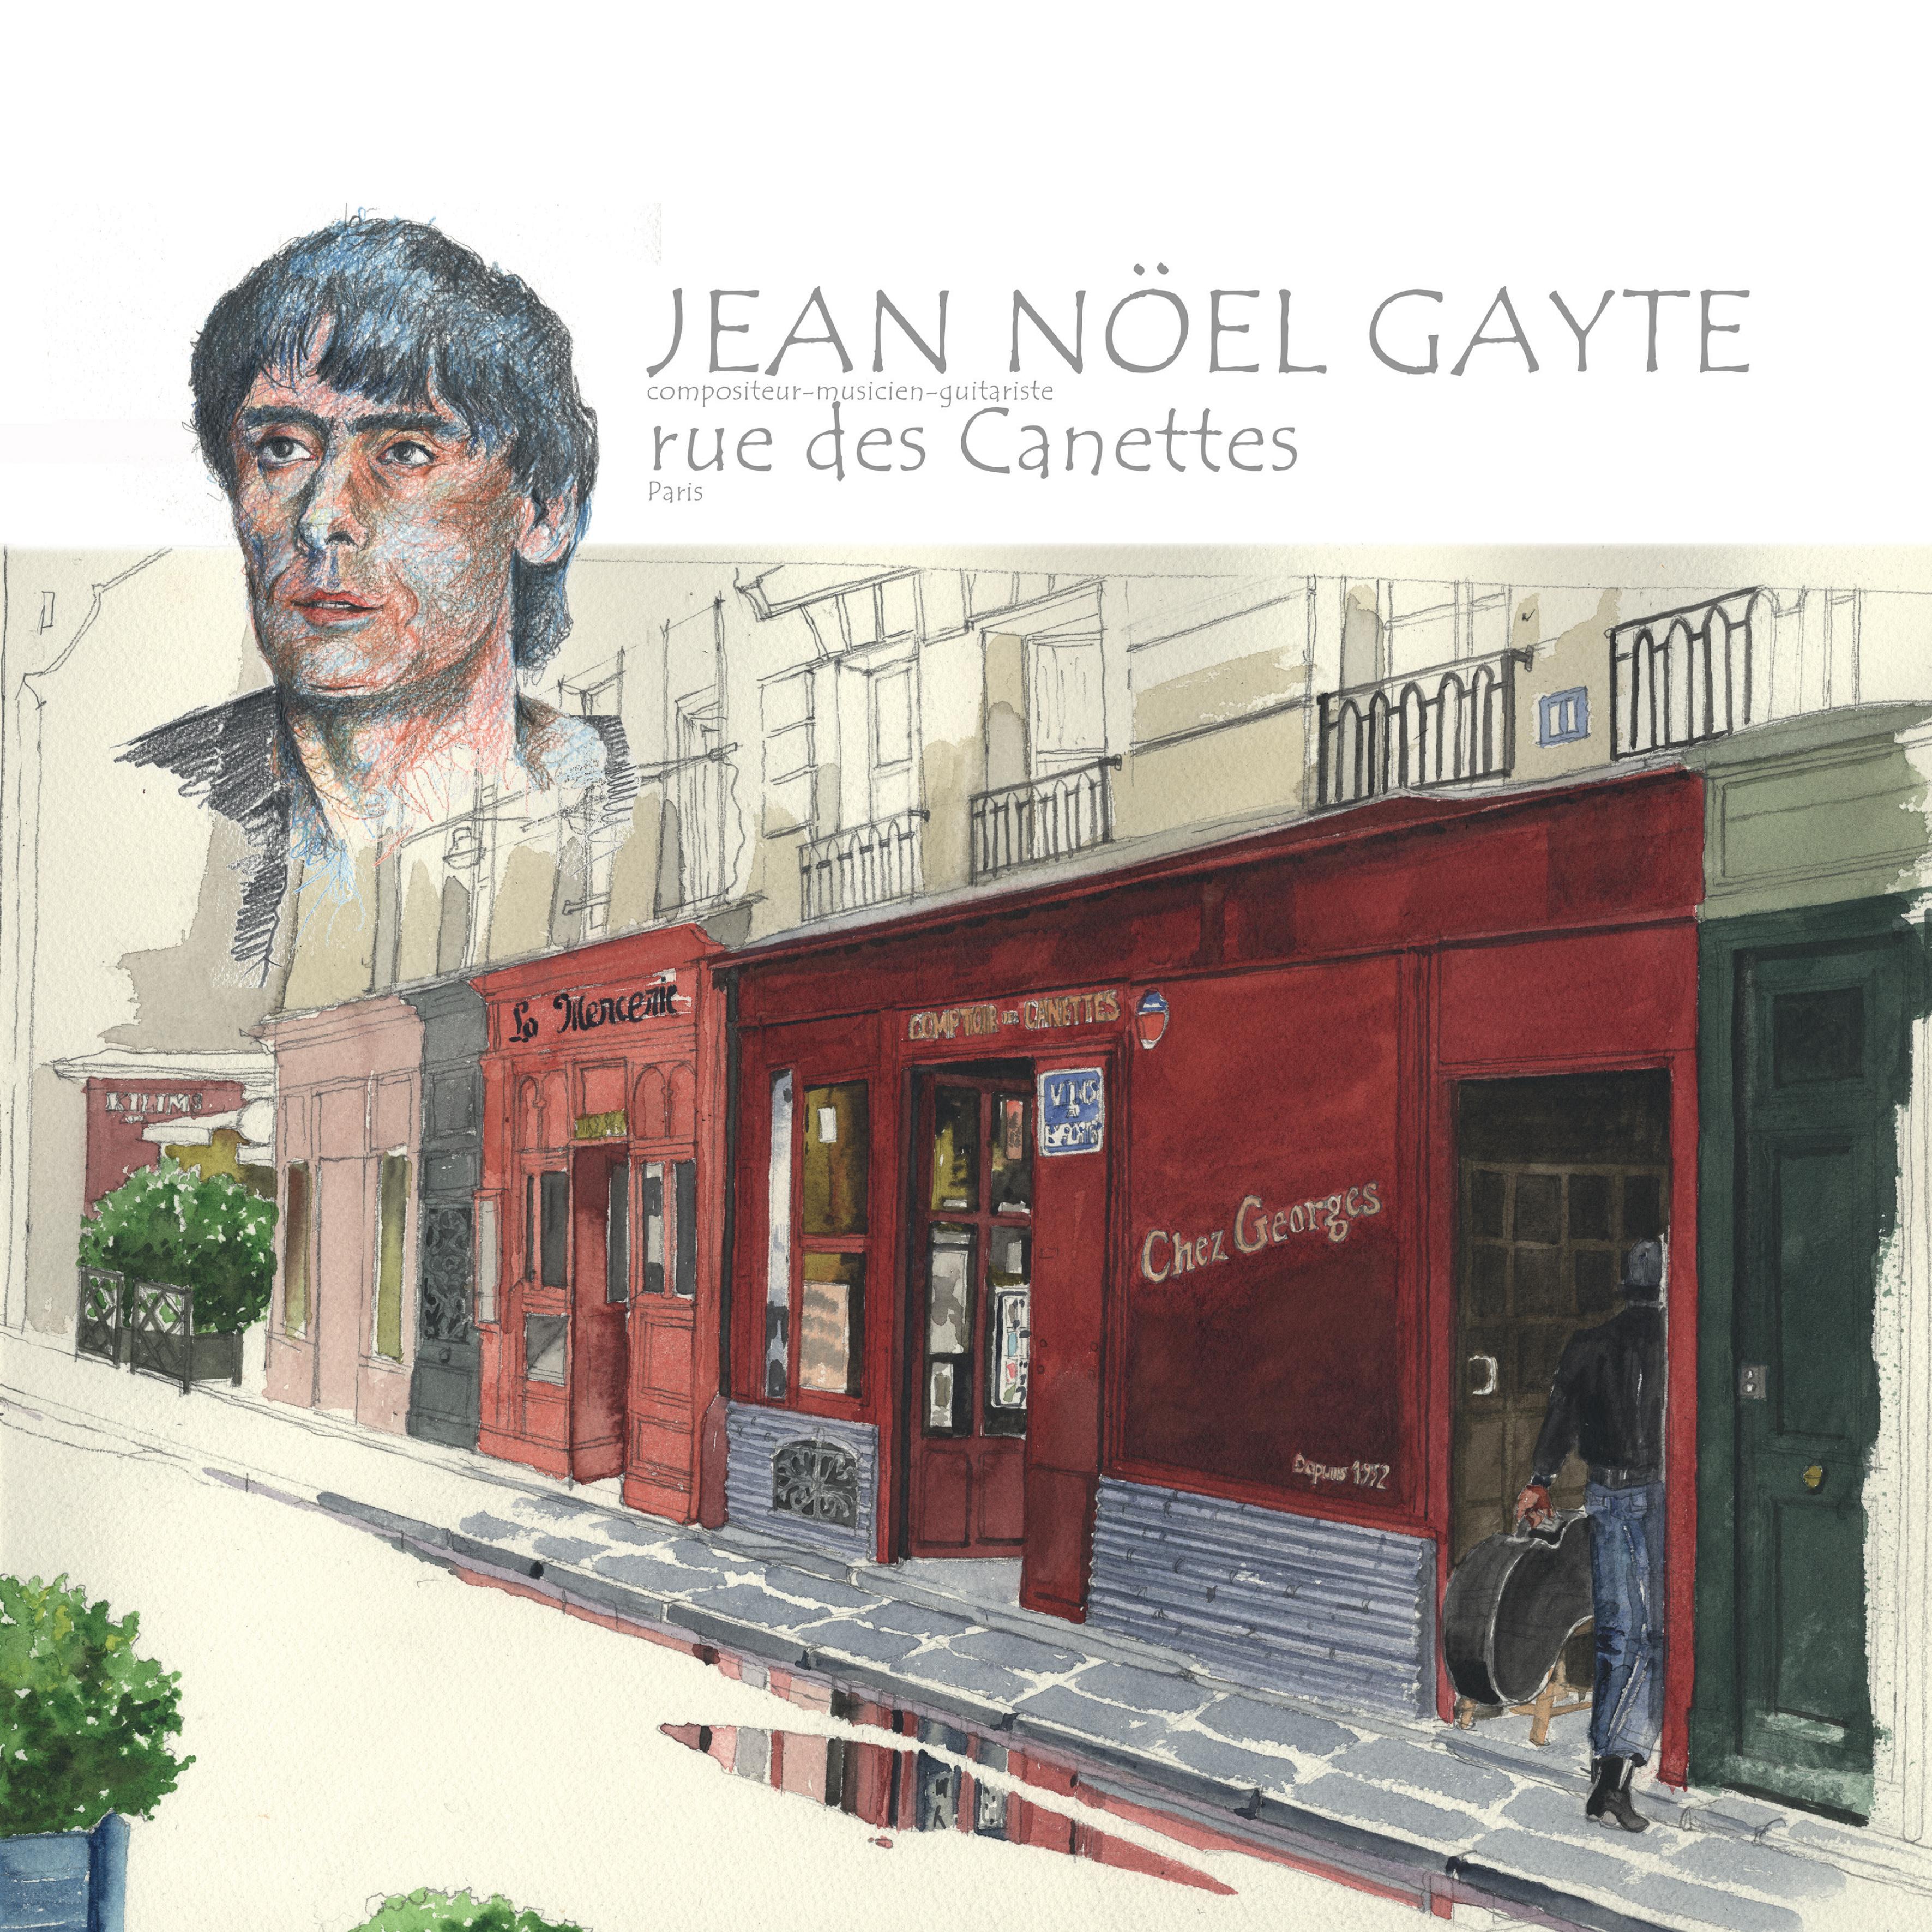 32-JEAN_NOËL_GAYTE